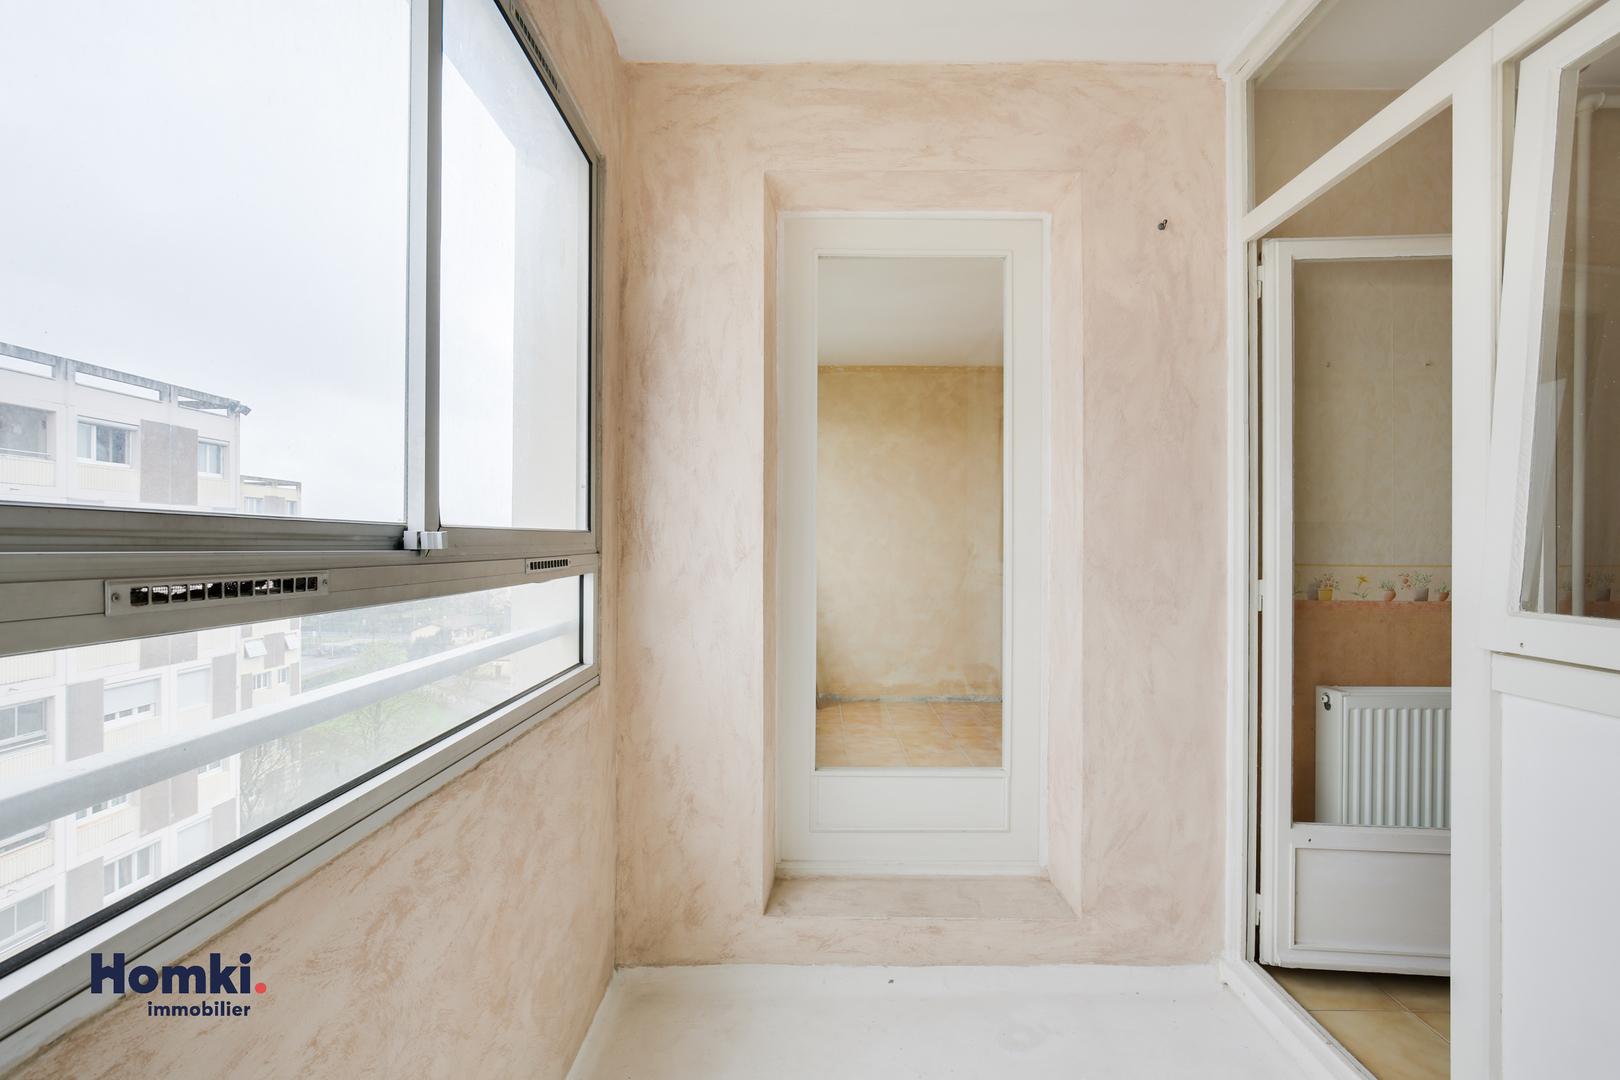 Vente appartement 75m² T4 69800_ 8